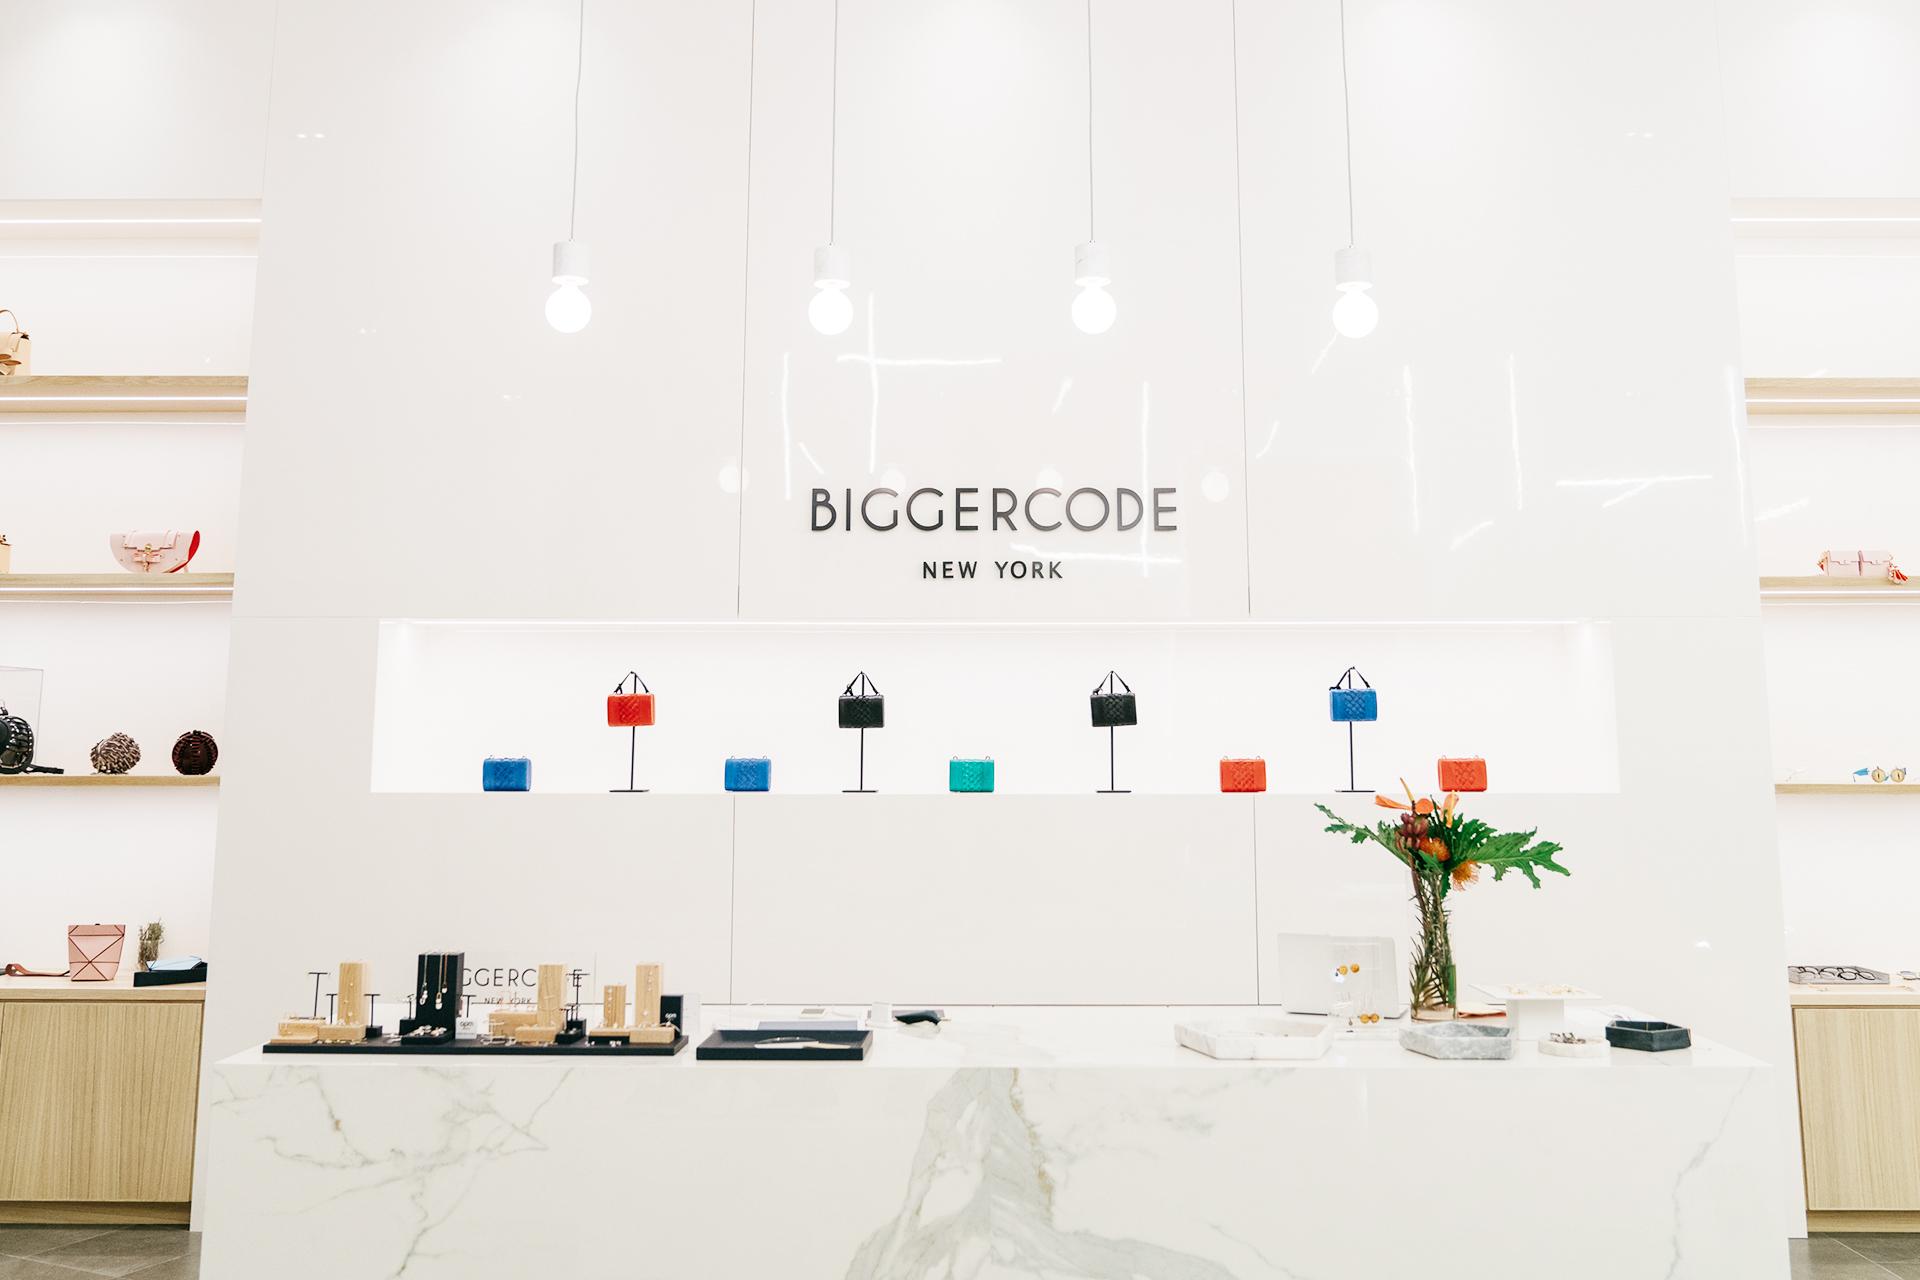 Biggercode_Overice9.jpg